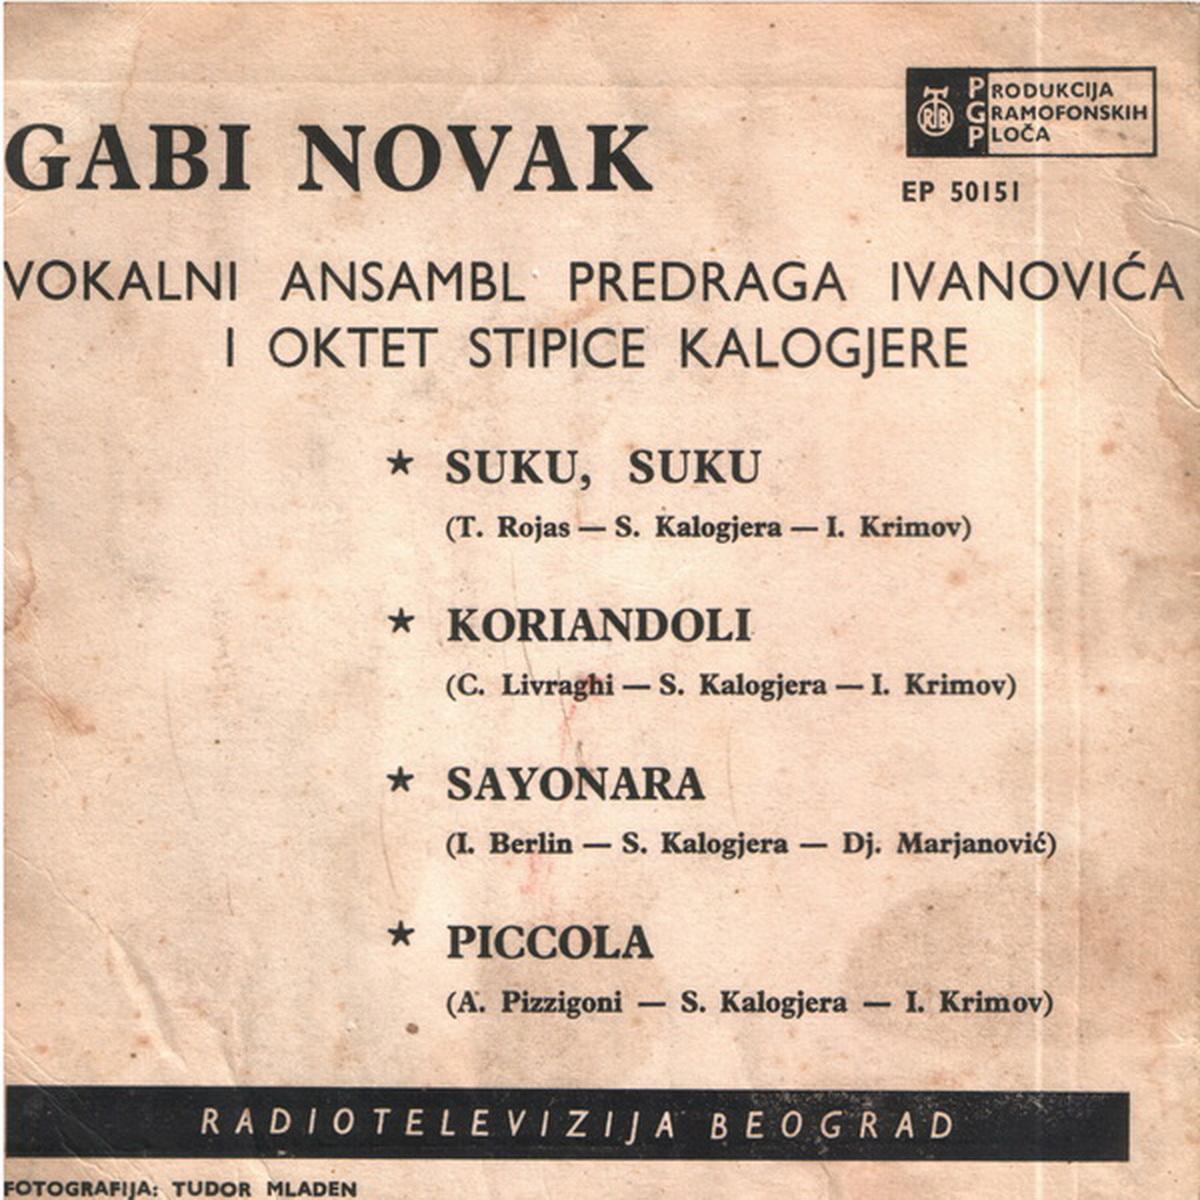 Gabi Novak 1961 Suku Suku b